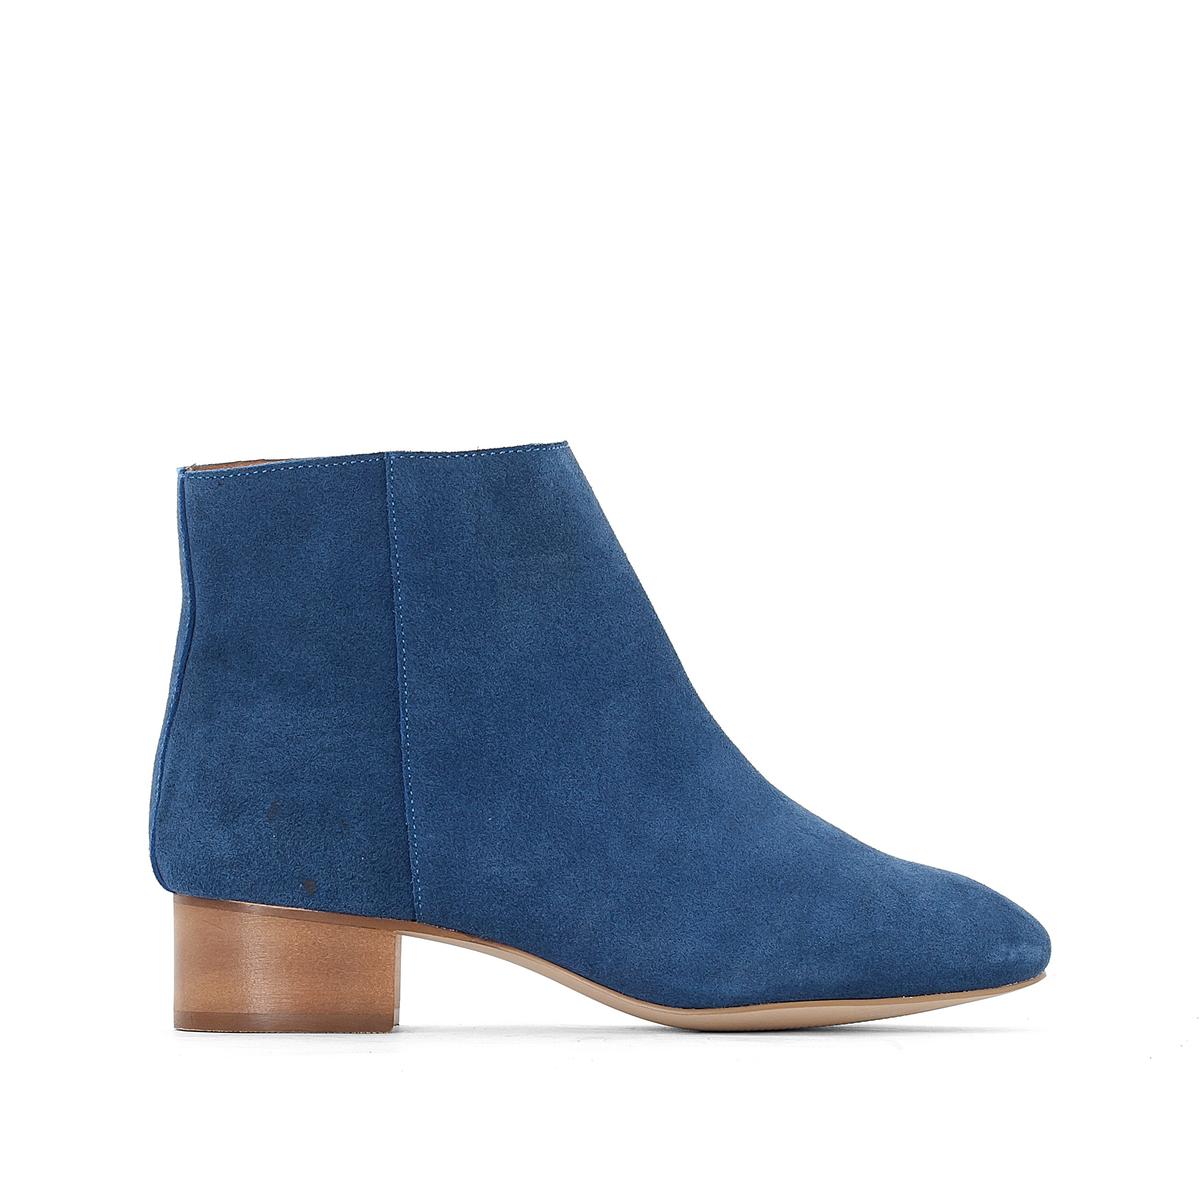 Ботильоны кожаные на среднем каблукеДетали  •  Высота голенища : 11 см для размера 37 •  Высота каблука : 4 см •  Застежка : на молнию •  Круглый мысок •  Гладкая отделкаСостав и уход  •  Верх 100% кожа •  Подкладка 100% кожа<br><br>Цвет: синий<br>Размер: 39